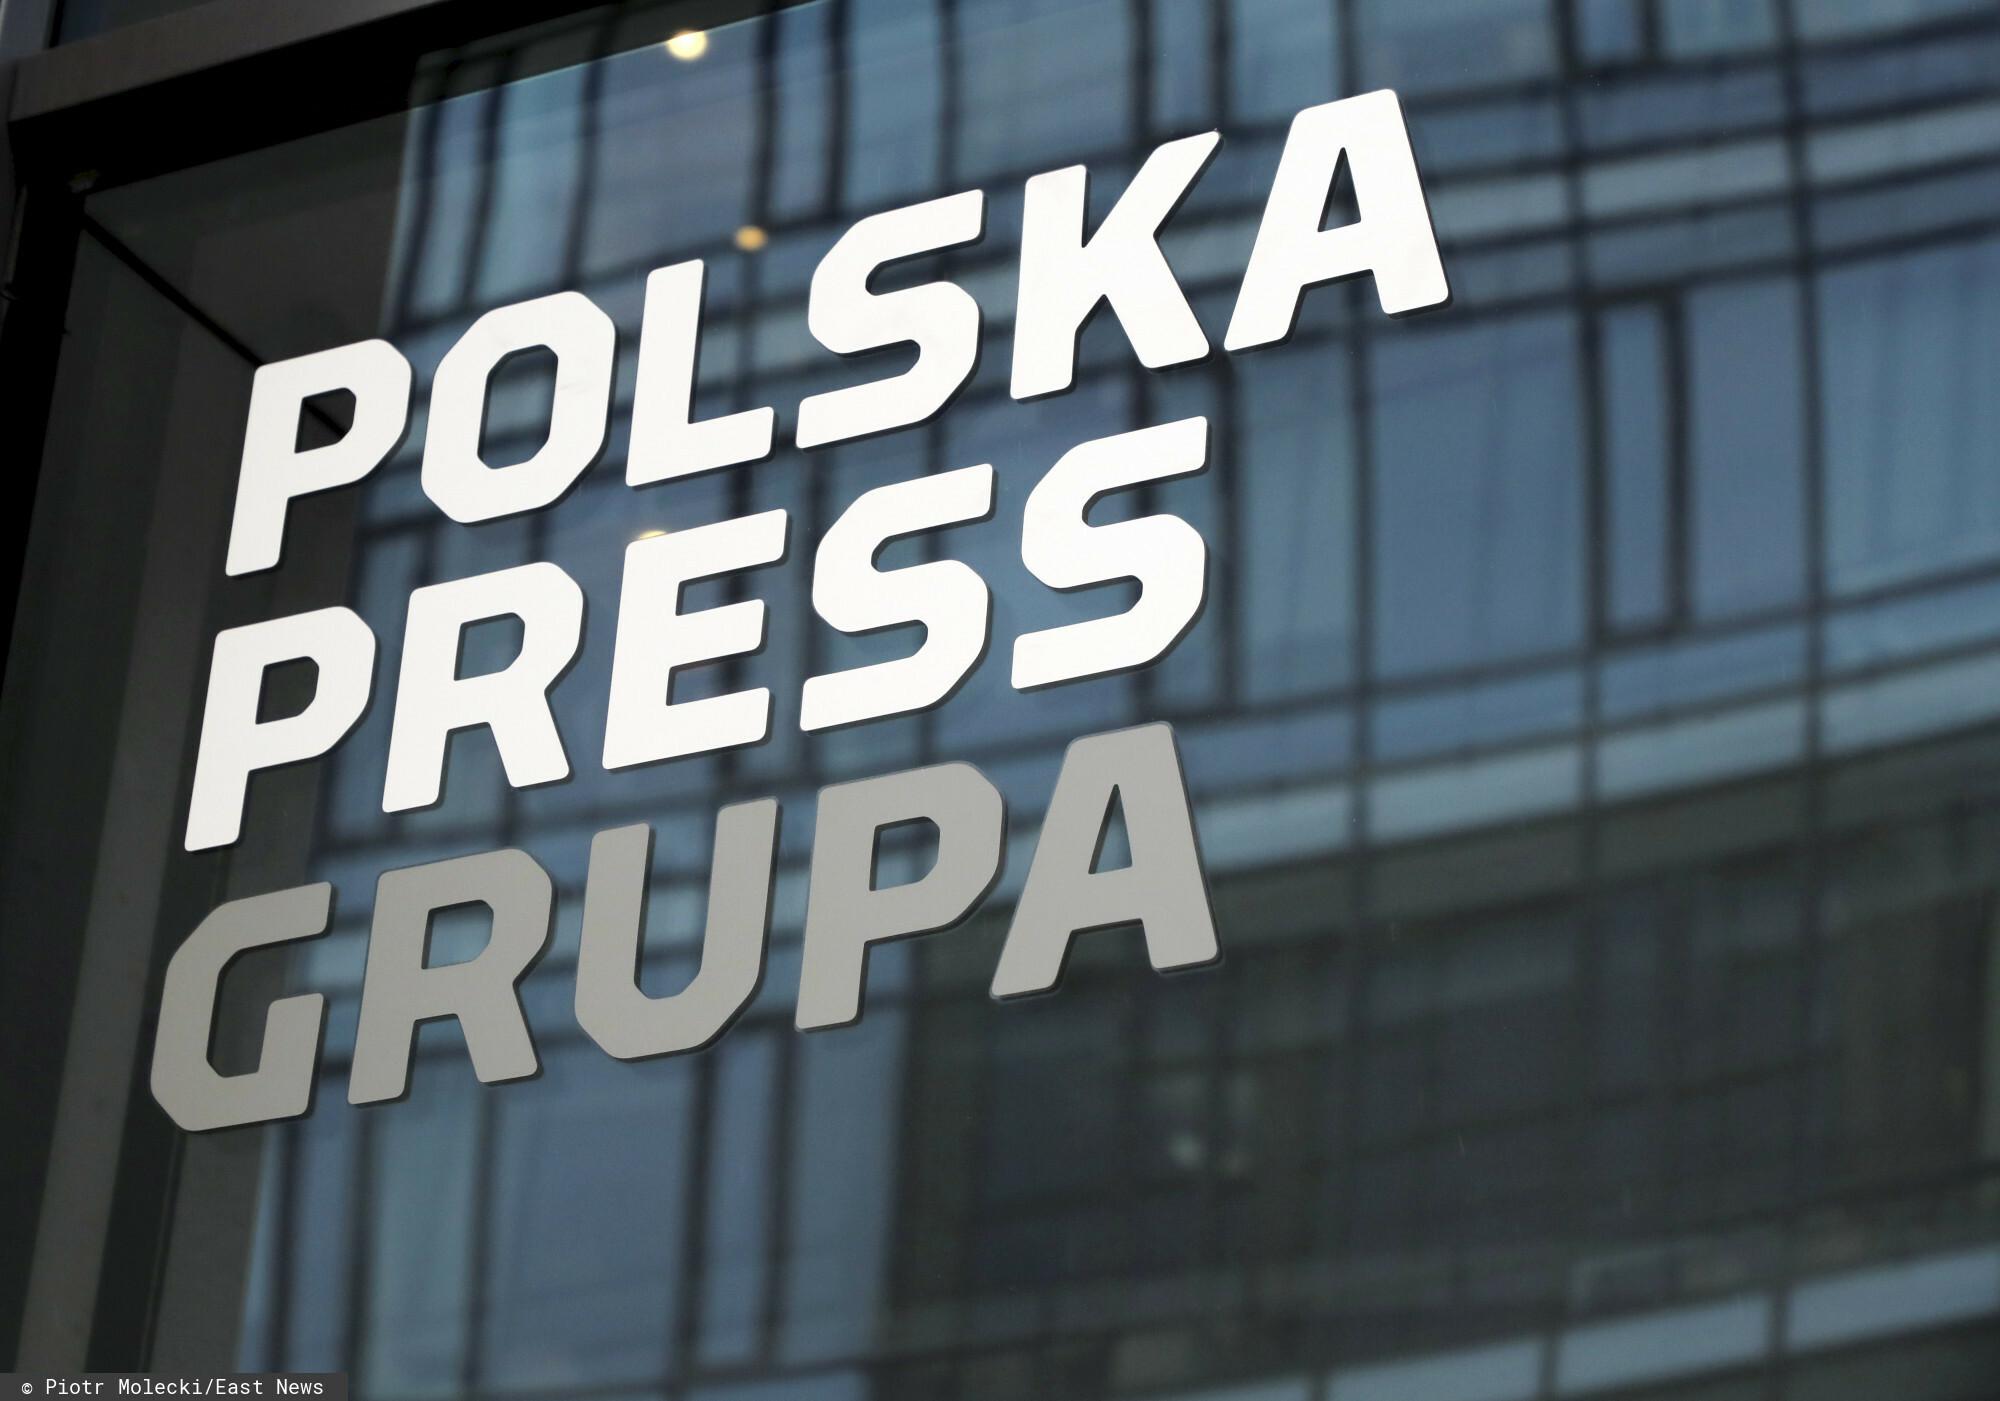 W ciągu 24 godzin zwolniono aż trzech redaktorów naczelnych dzienników należących do Polska Press.